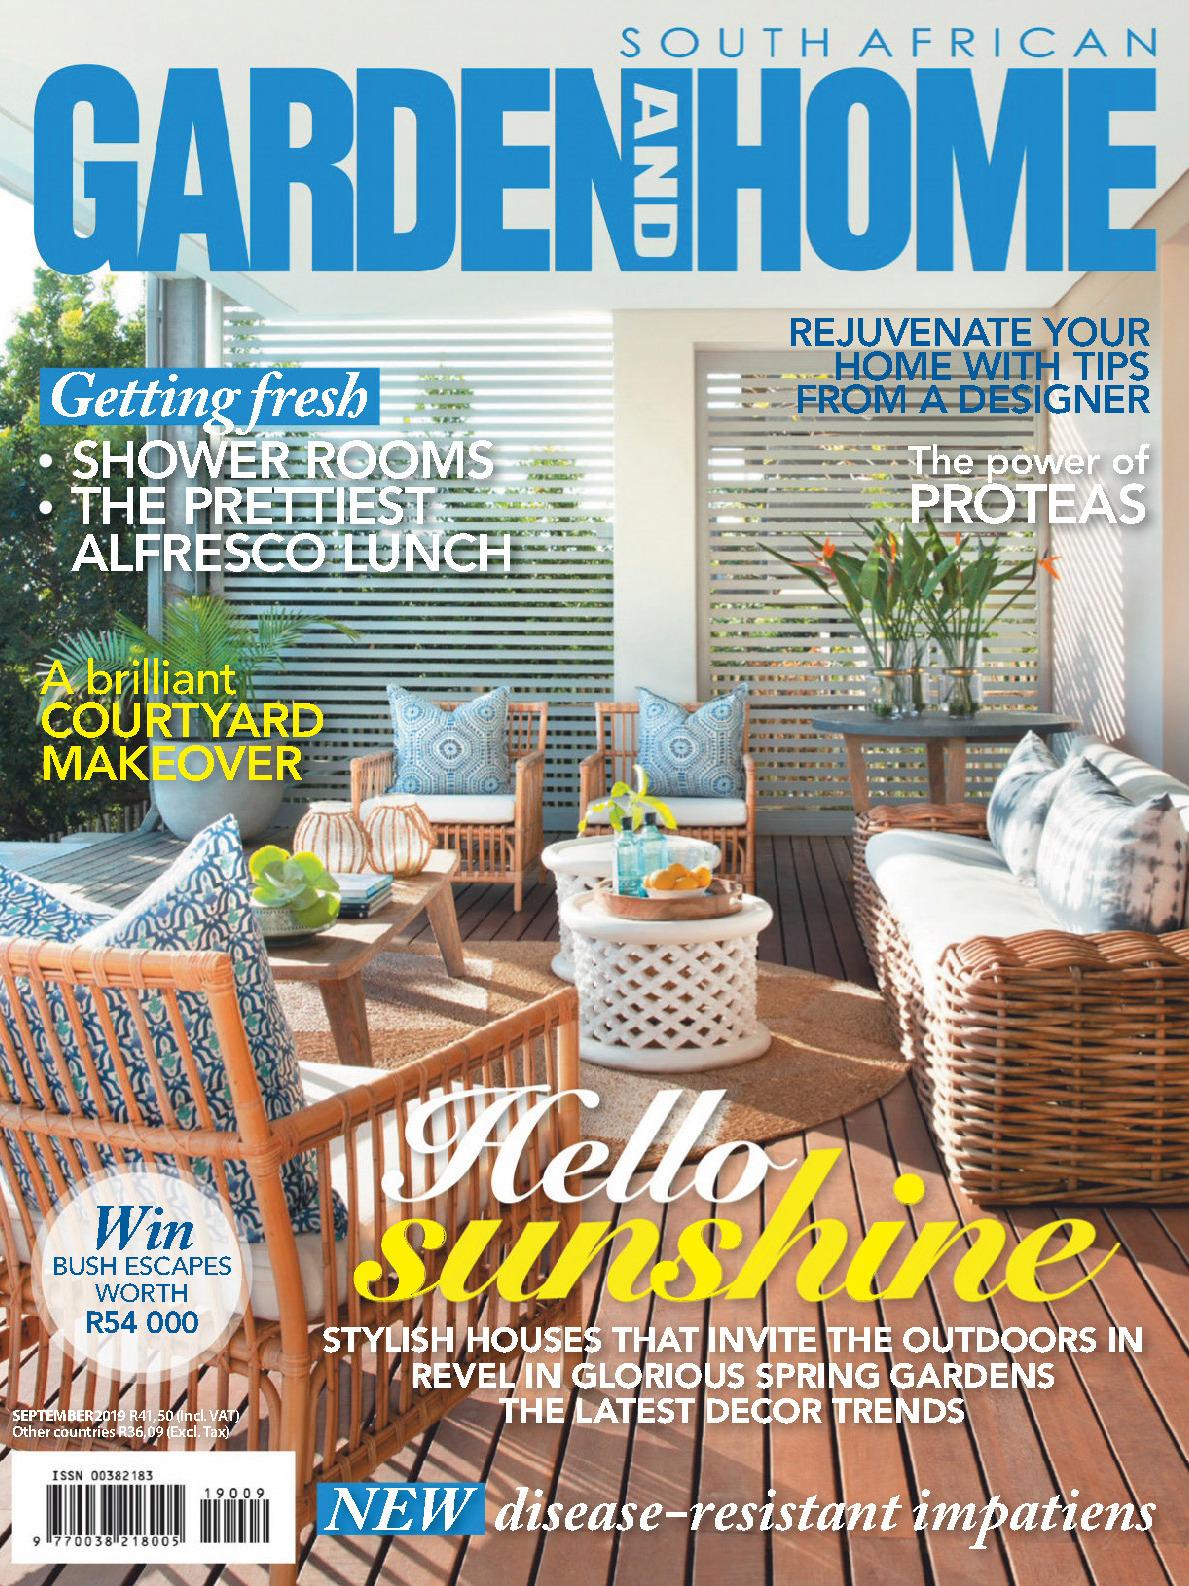 《Garden and Home》南非版时尚家居杂志2019年09月号